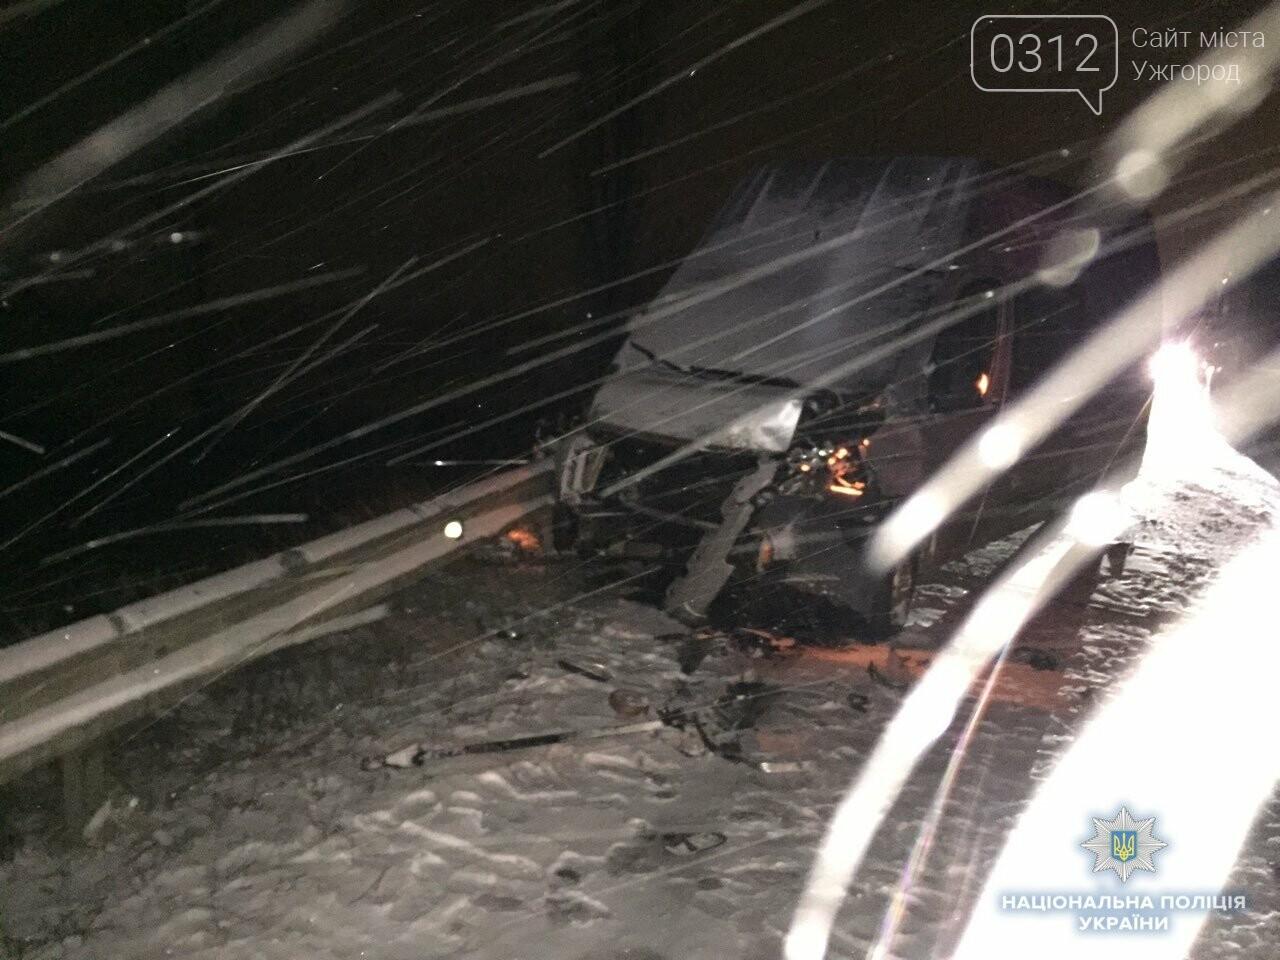 Жахливе ДТП за участі трьох авто поблизу Чопу: на місці загинув 18-ти річний хлопець (ФОТО), фото-1